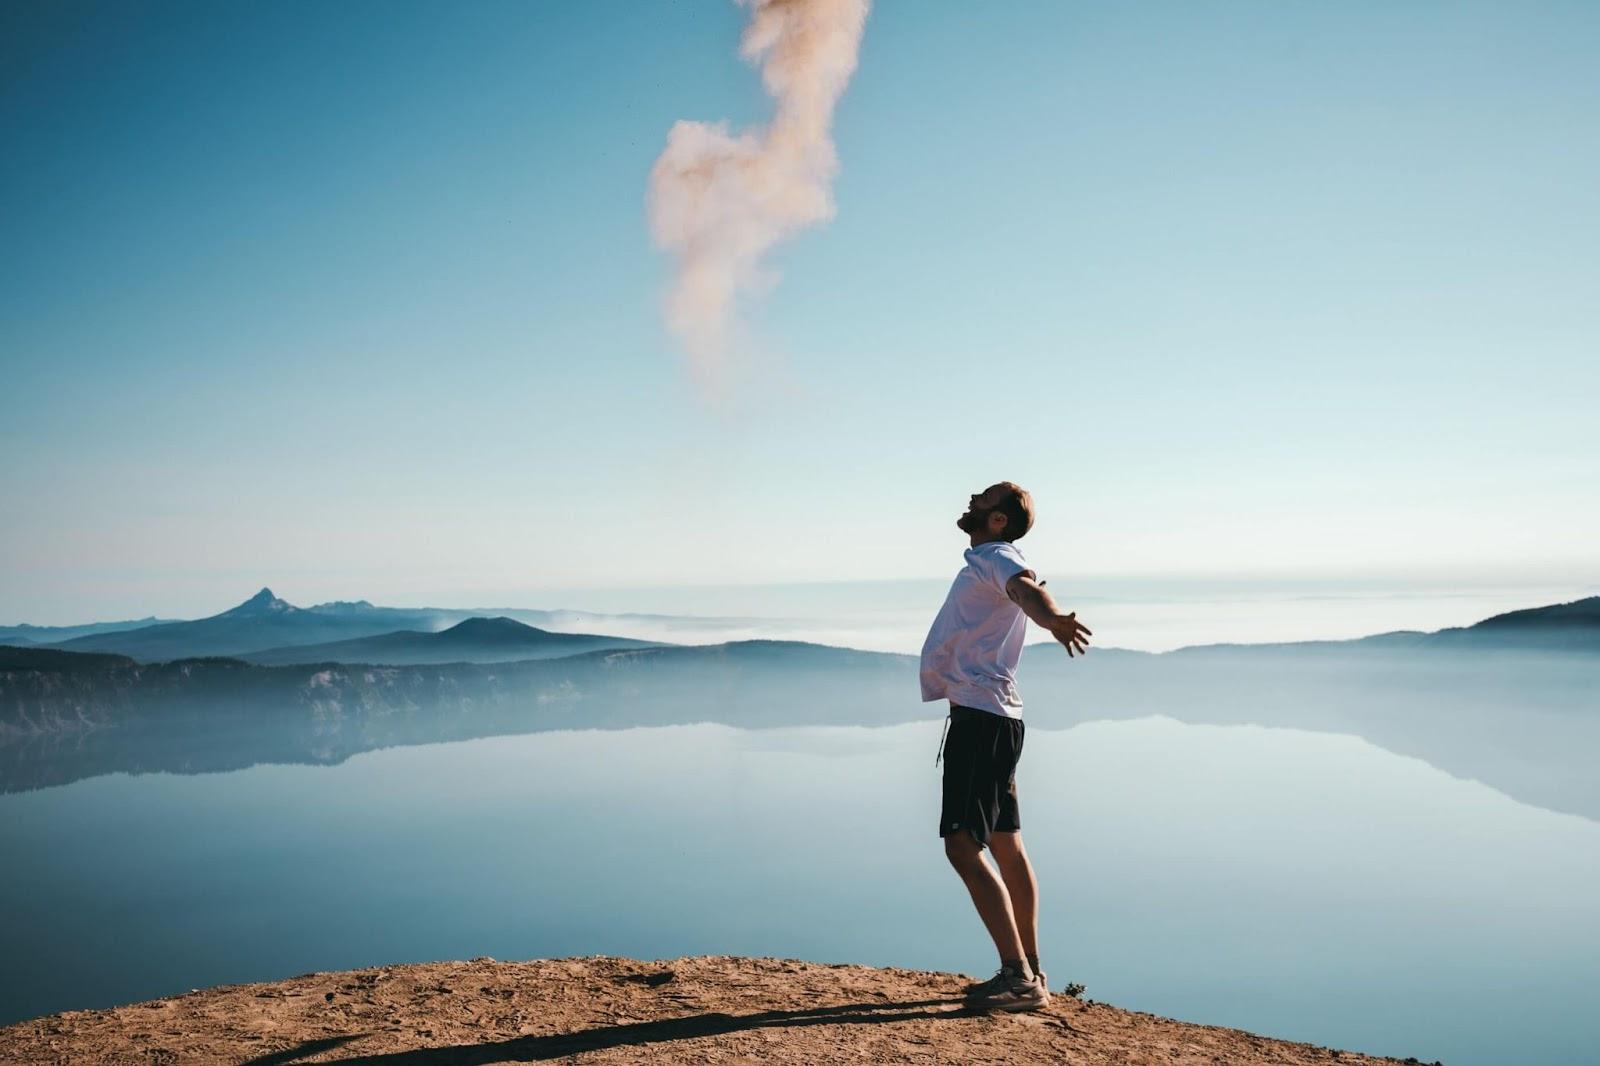 Foto de perfil de um homem com os braços abertos em uma paisagem paradisíaca. Ele aparece sobre um chão rochoso e ergue a cabeça para cima, com a boca aberta. Ele é careca, tem barba cerrada, usa camiseta branca, bermuda escura e tênis com meia. A paisagem é toda em tons de azul, com montanhas que refletem na água, em toda a extensão da imagem.